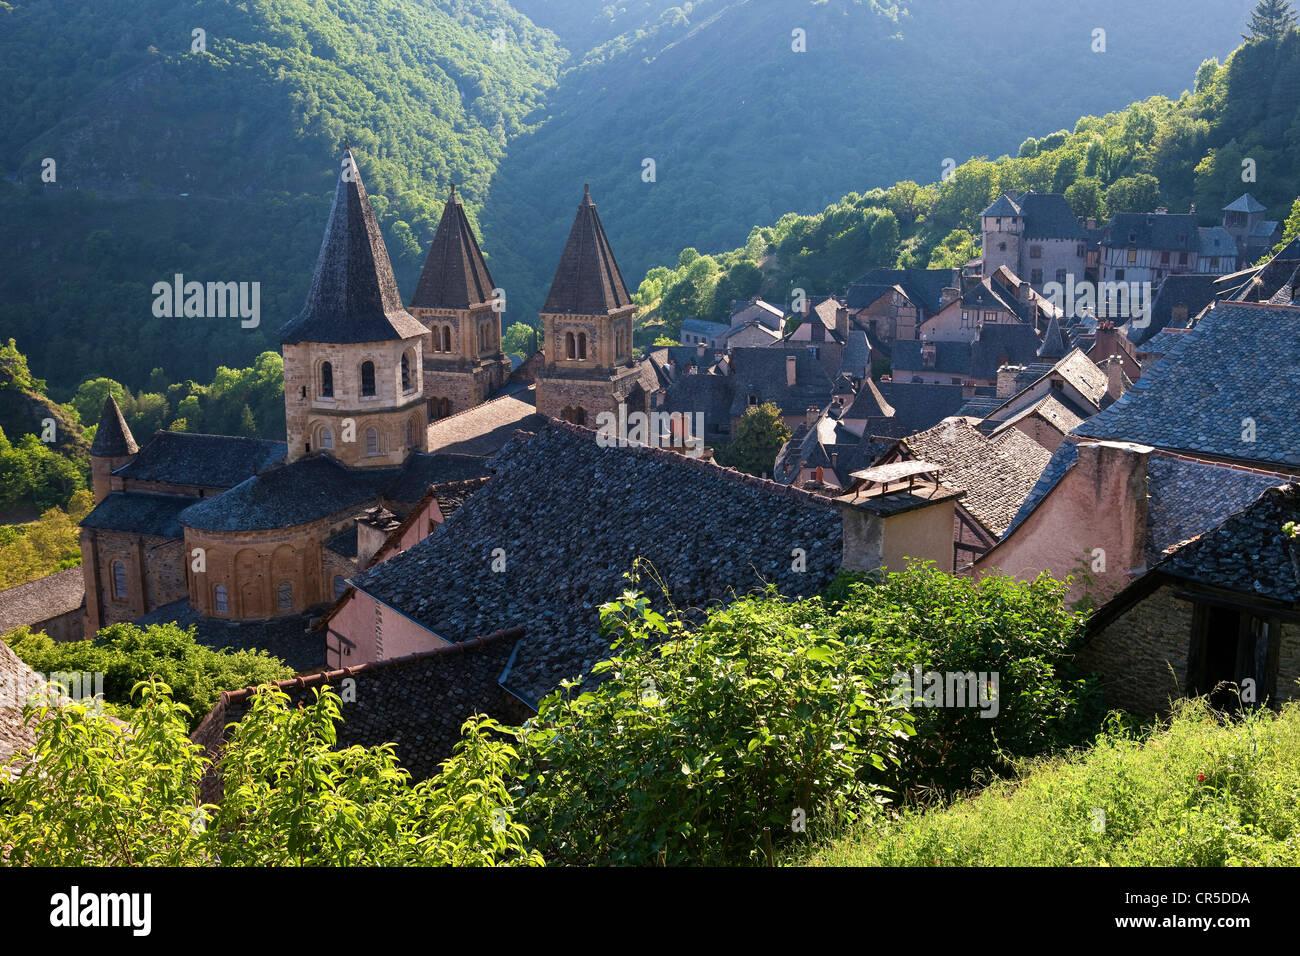 France, Aveyron, Conques, a stop on el Camino de Santiago labelled Les Plus Beaux Villages de France (The Most Beautiful - Stock Image